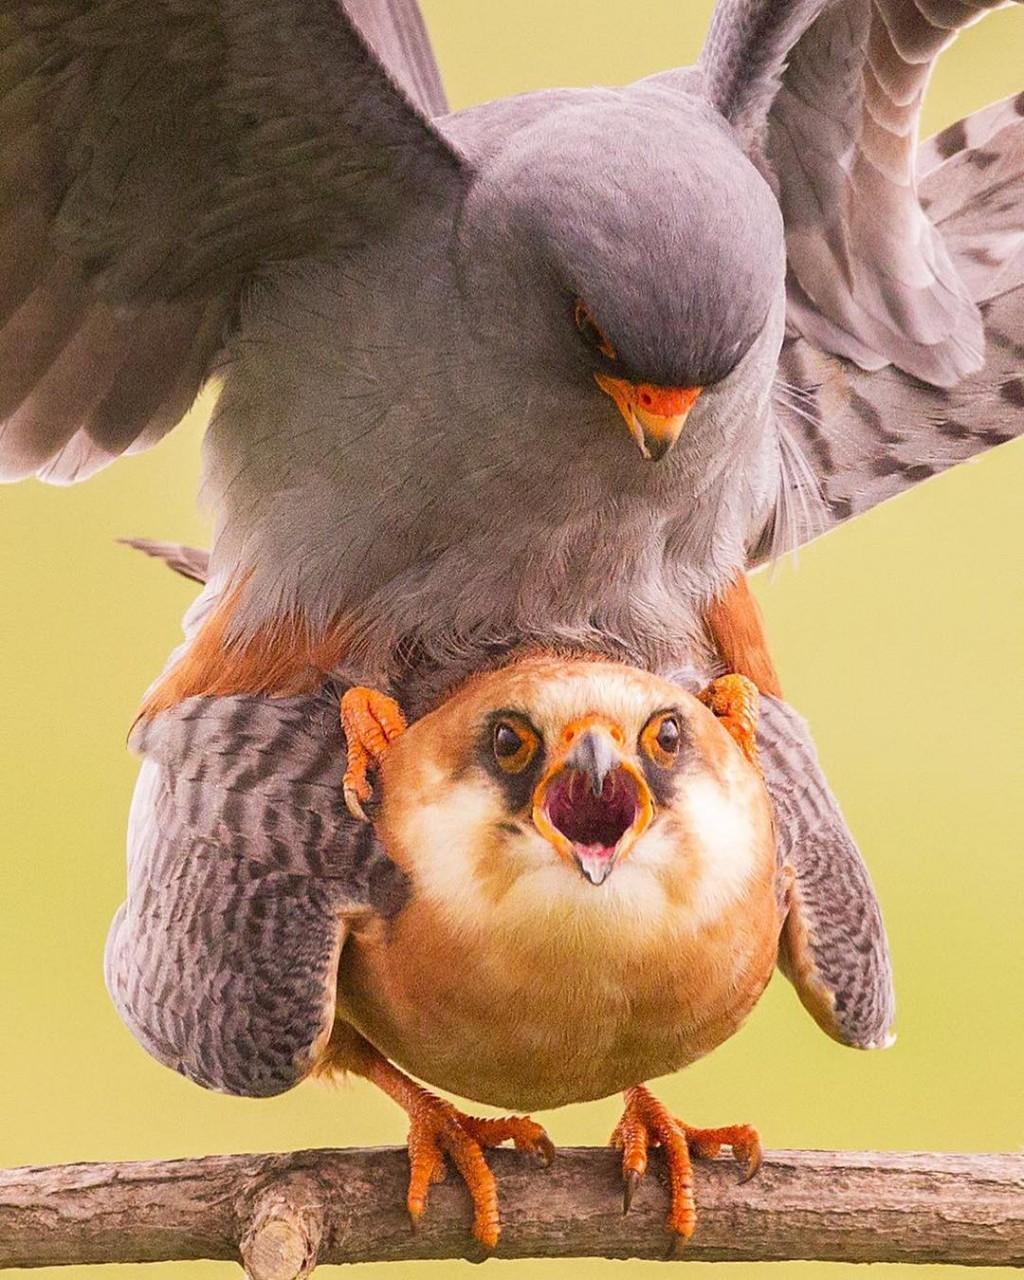 Замечательные снимки птиц Сунила Гопалана